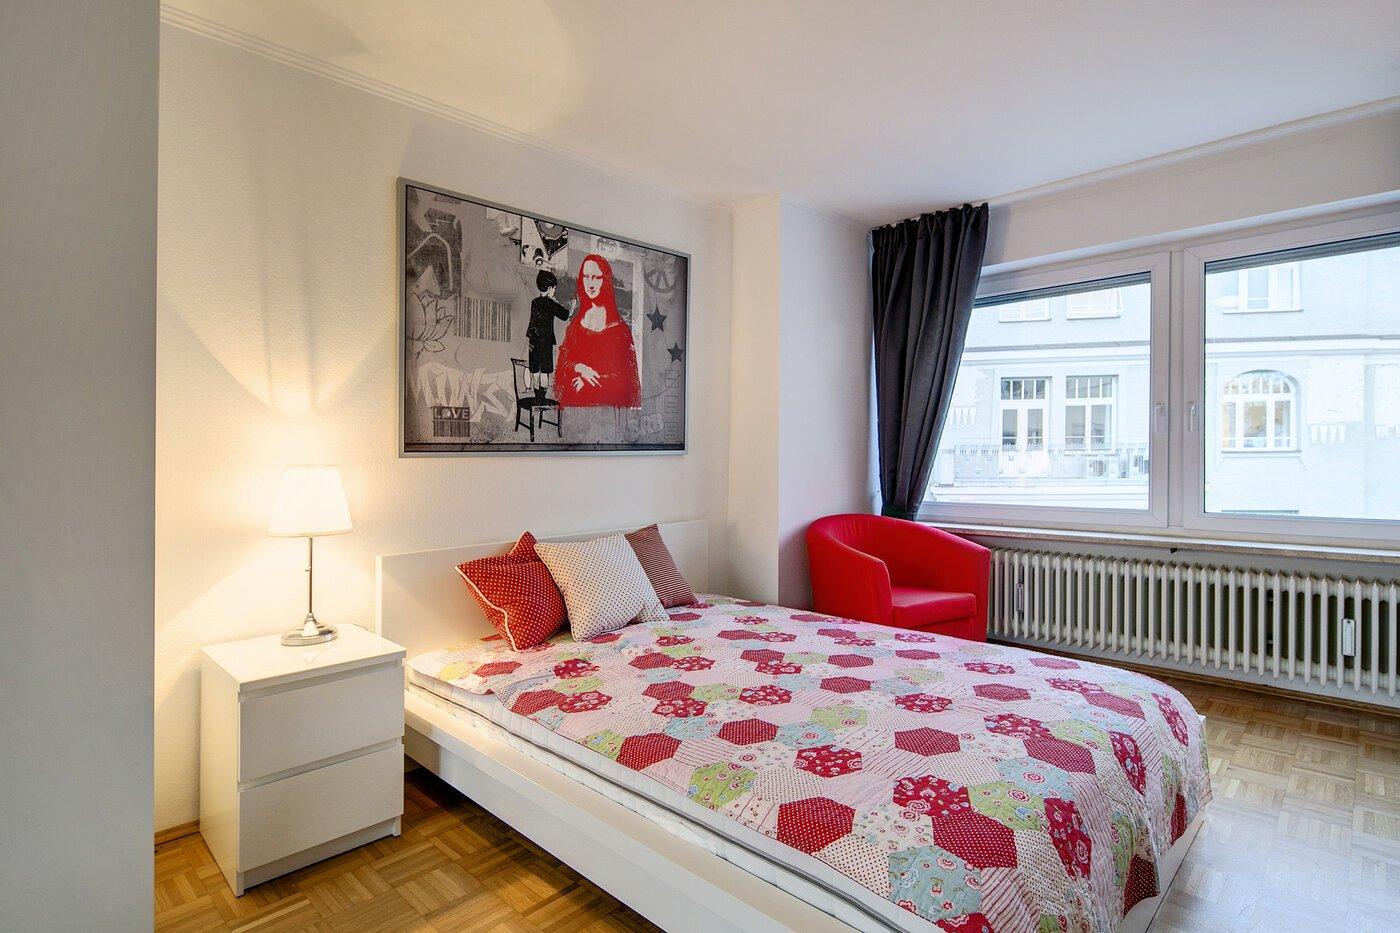 1 zimmer wohnung m bliert parkettboden m nchen schwabing 7407. Black Bedroom Furniture Sets. Home Design Ideas